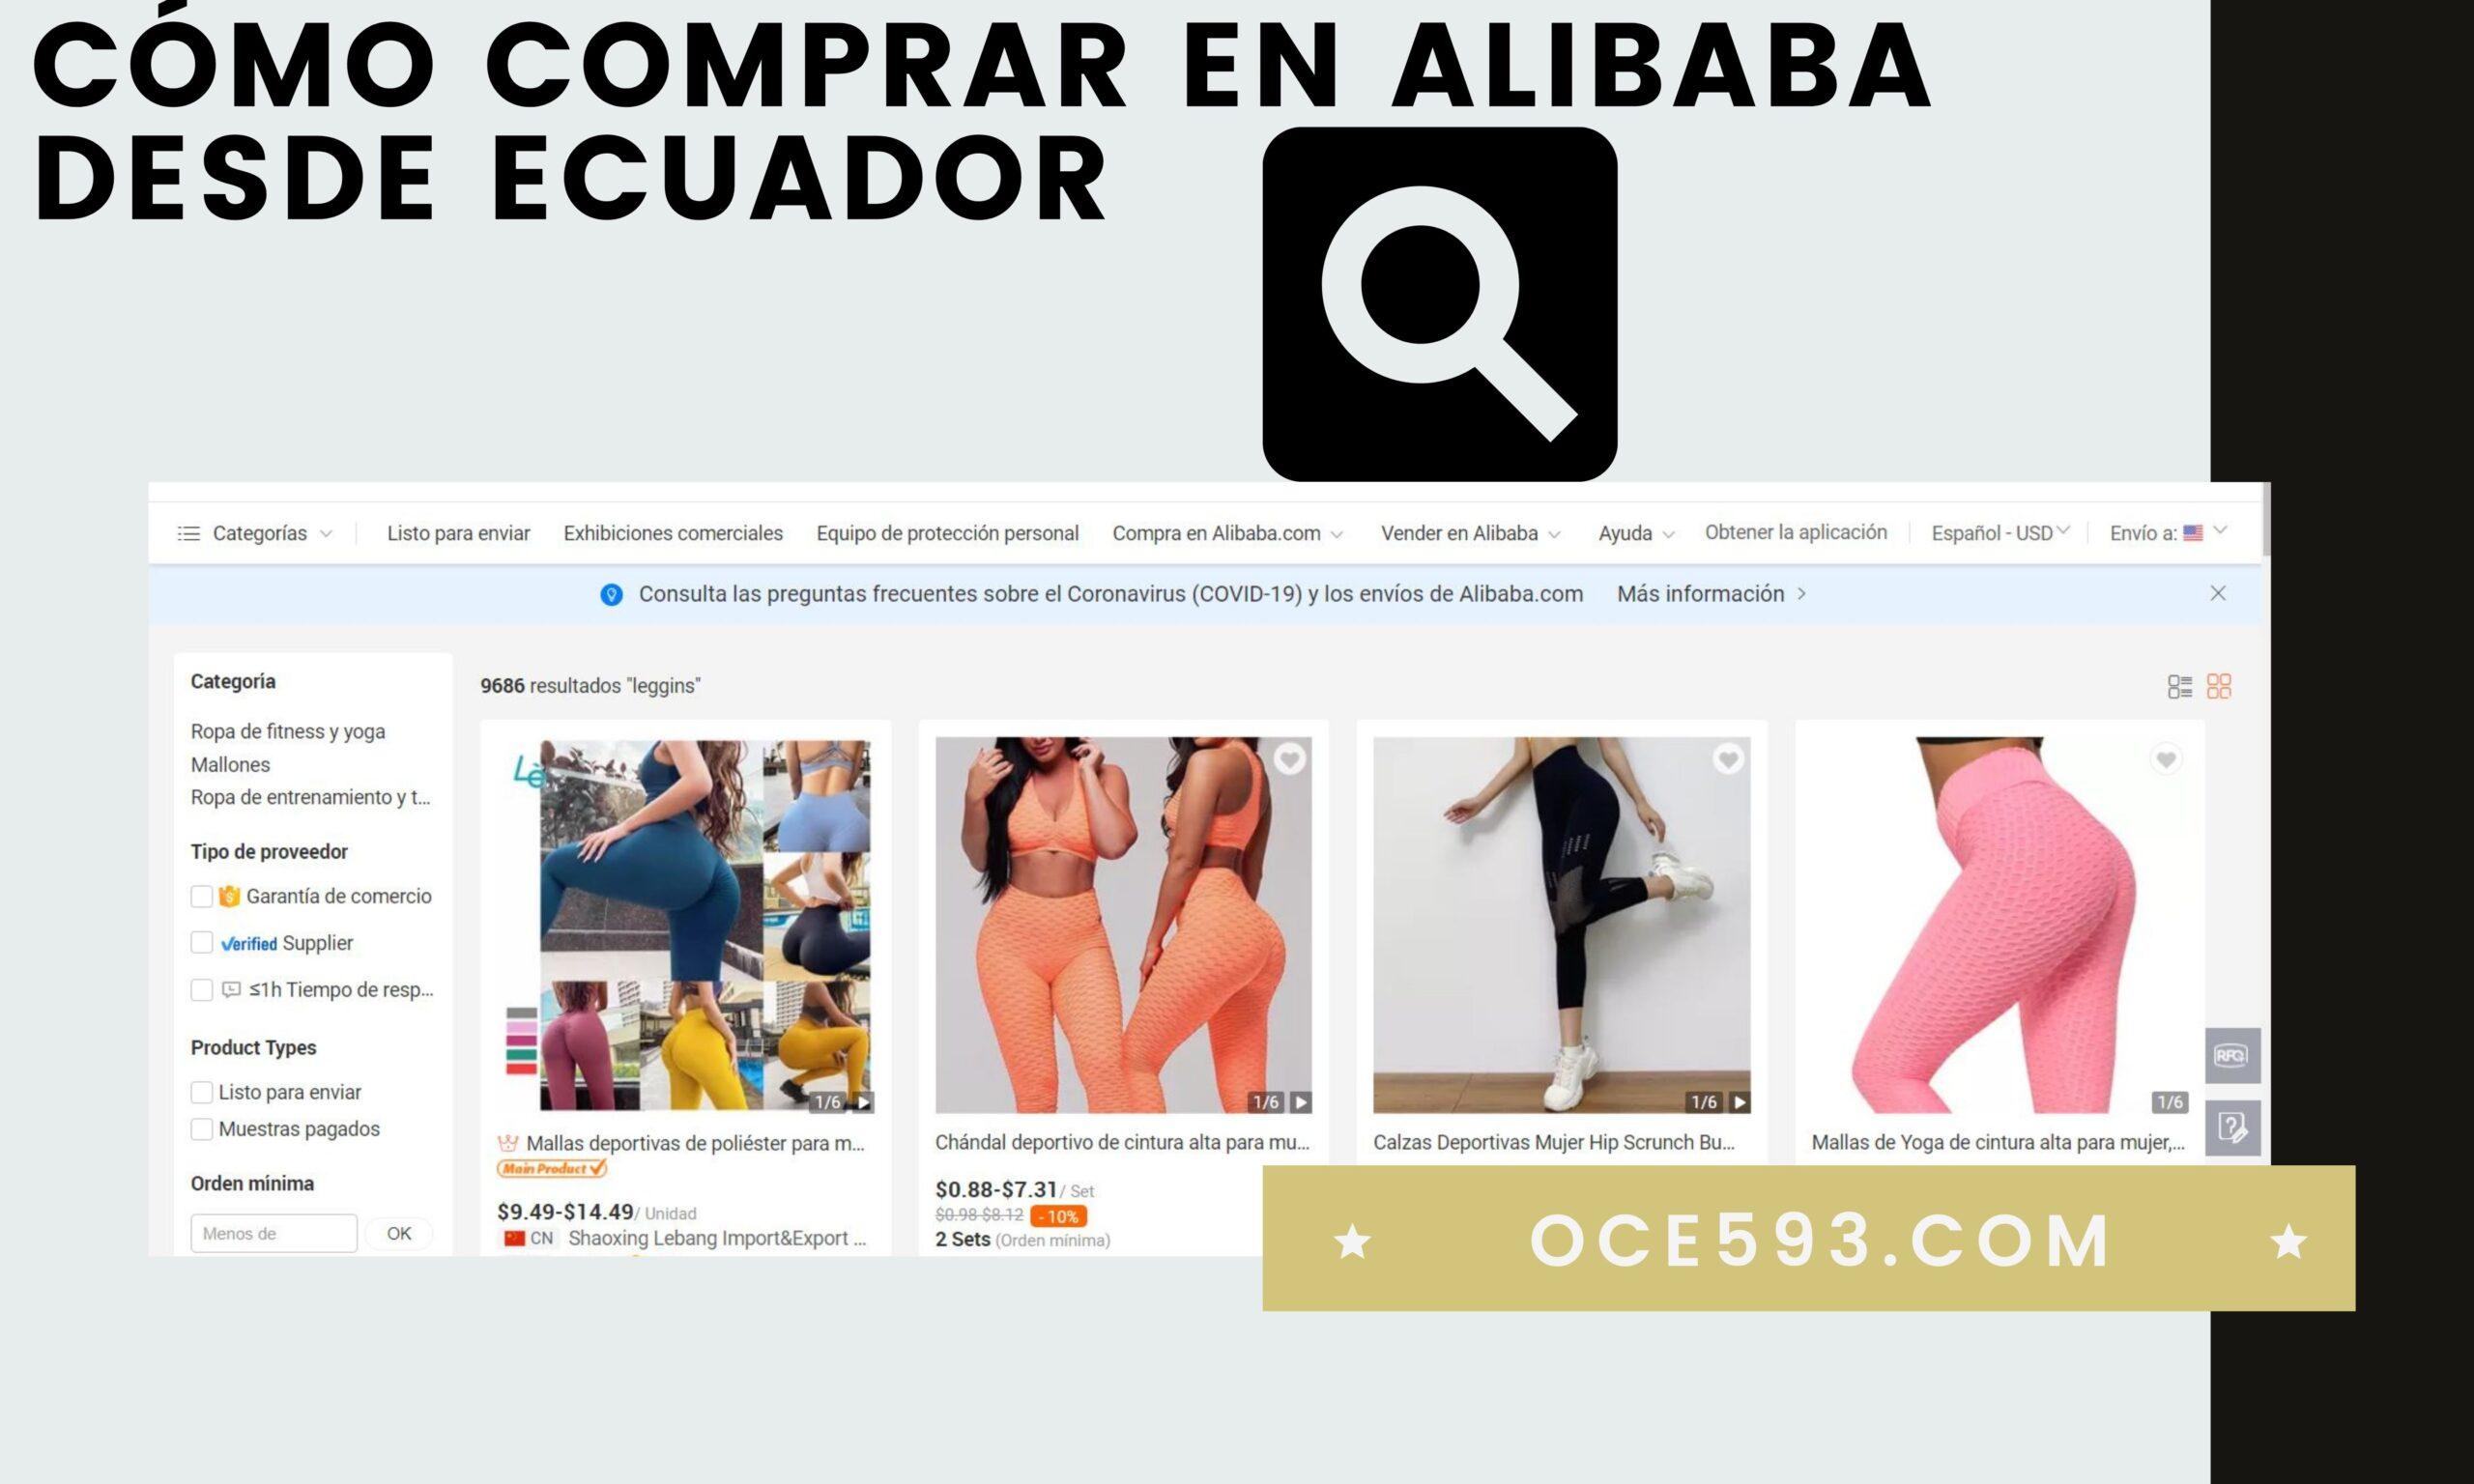 comprar-en-alibaba-desde-quito-ecuador